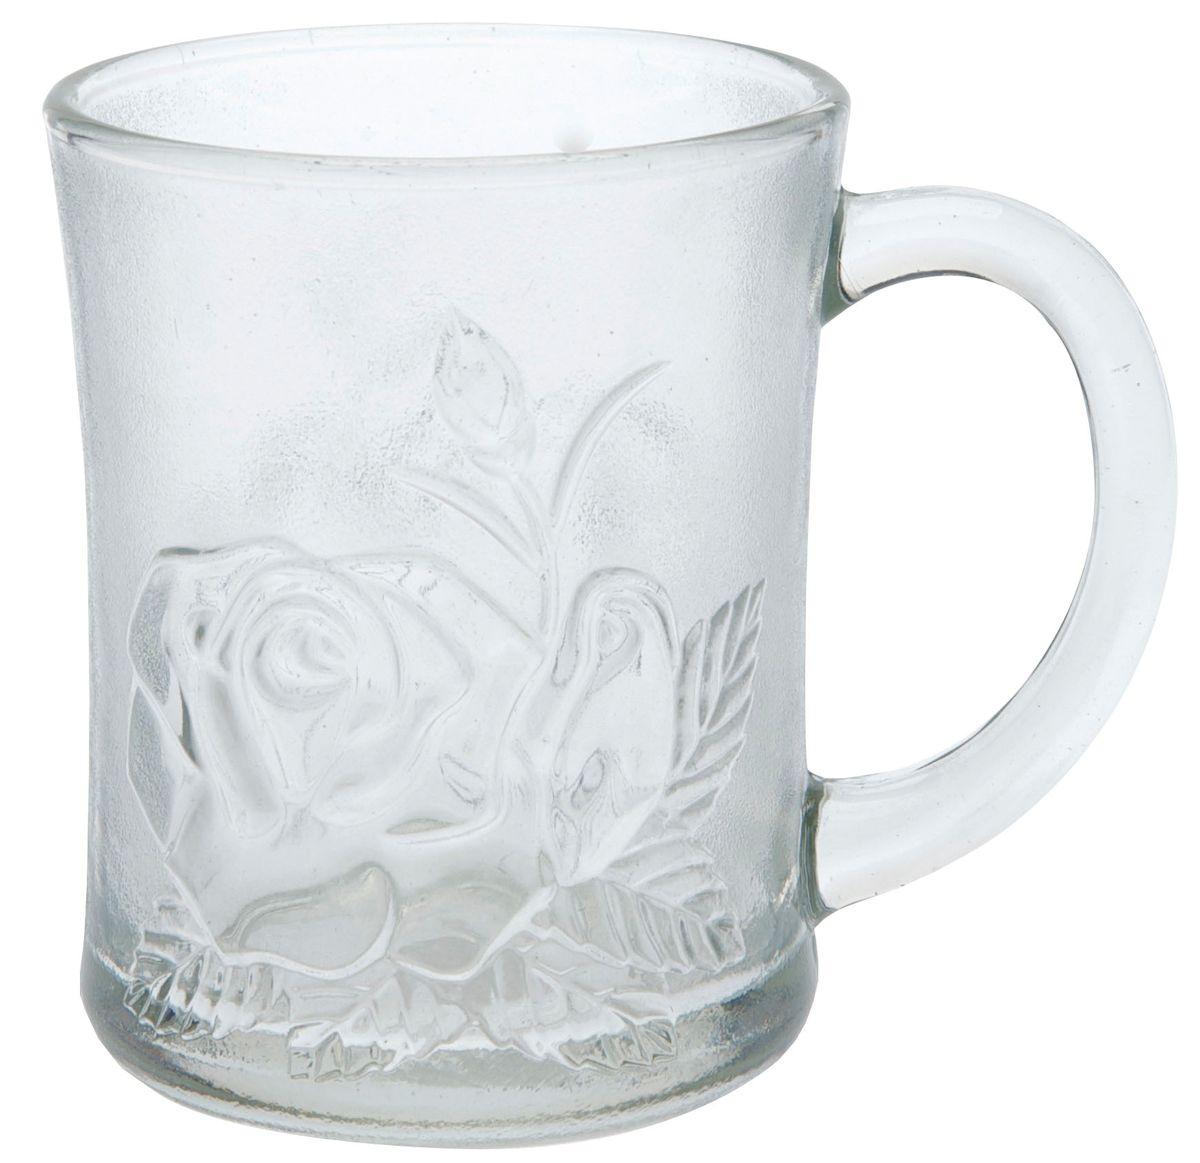 Кружка Axentia Роза, 250 мл115610Кружка Axentia Роза изготовлена из прочного матового стекла и декорирована рельефным изображением розы. Такая кружка прекрасно подойдет для горячих и холодных напитков. Она дополнит коллекцию вашей кухонной посуды и будет служить долгие годы.